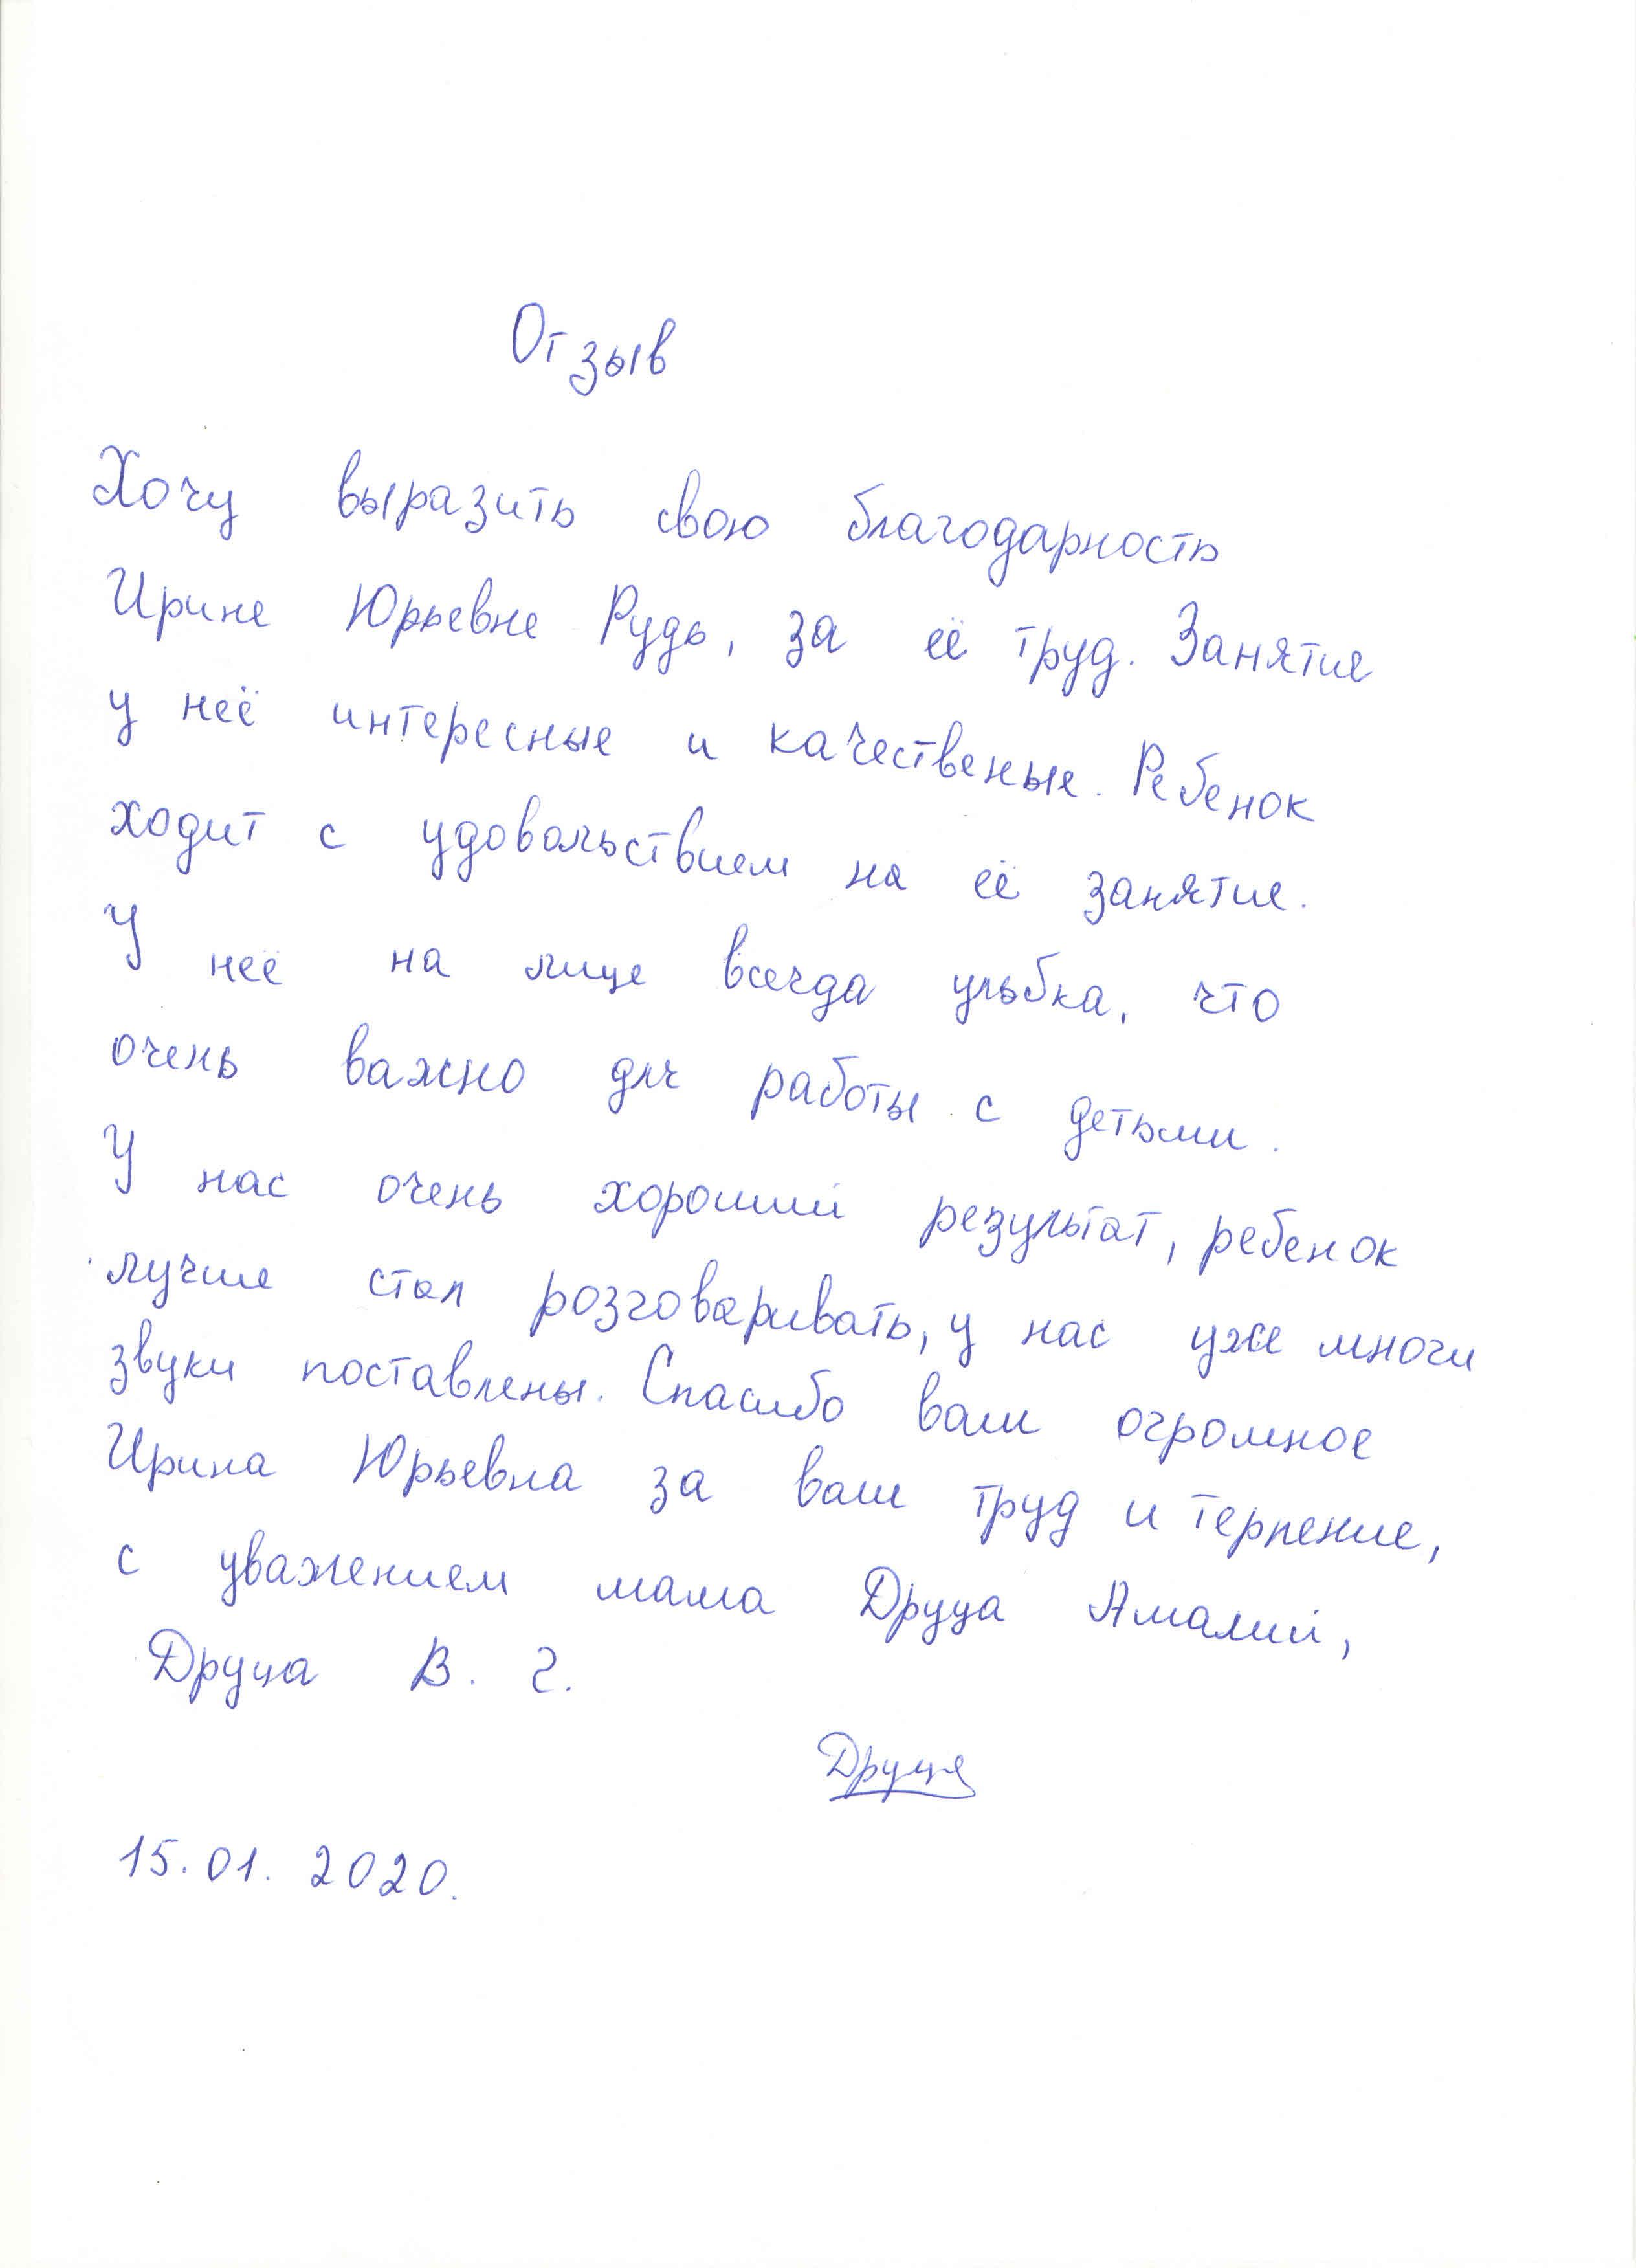 Рудь, 15.01.2020